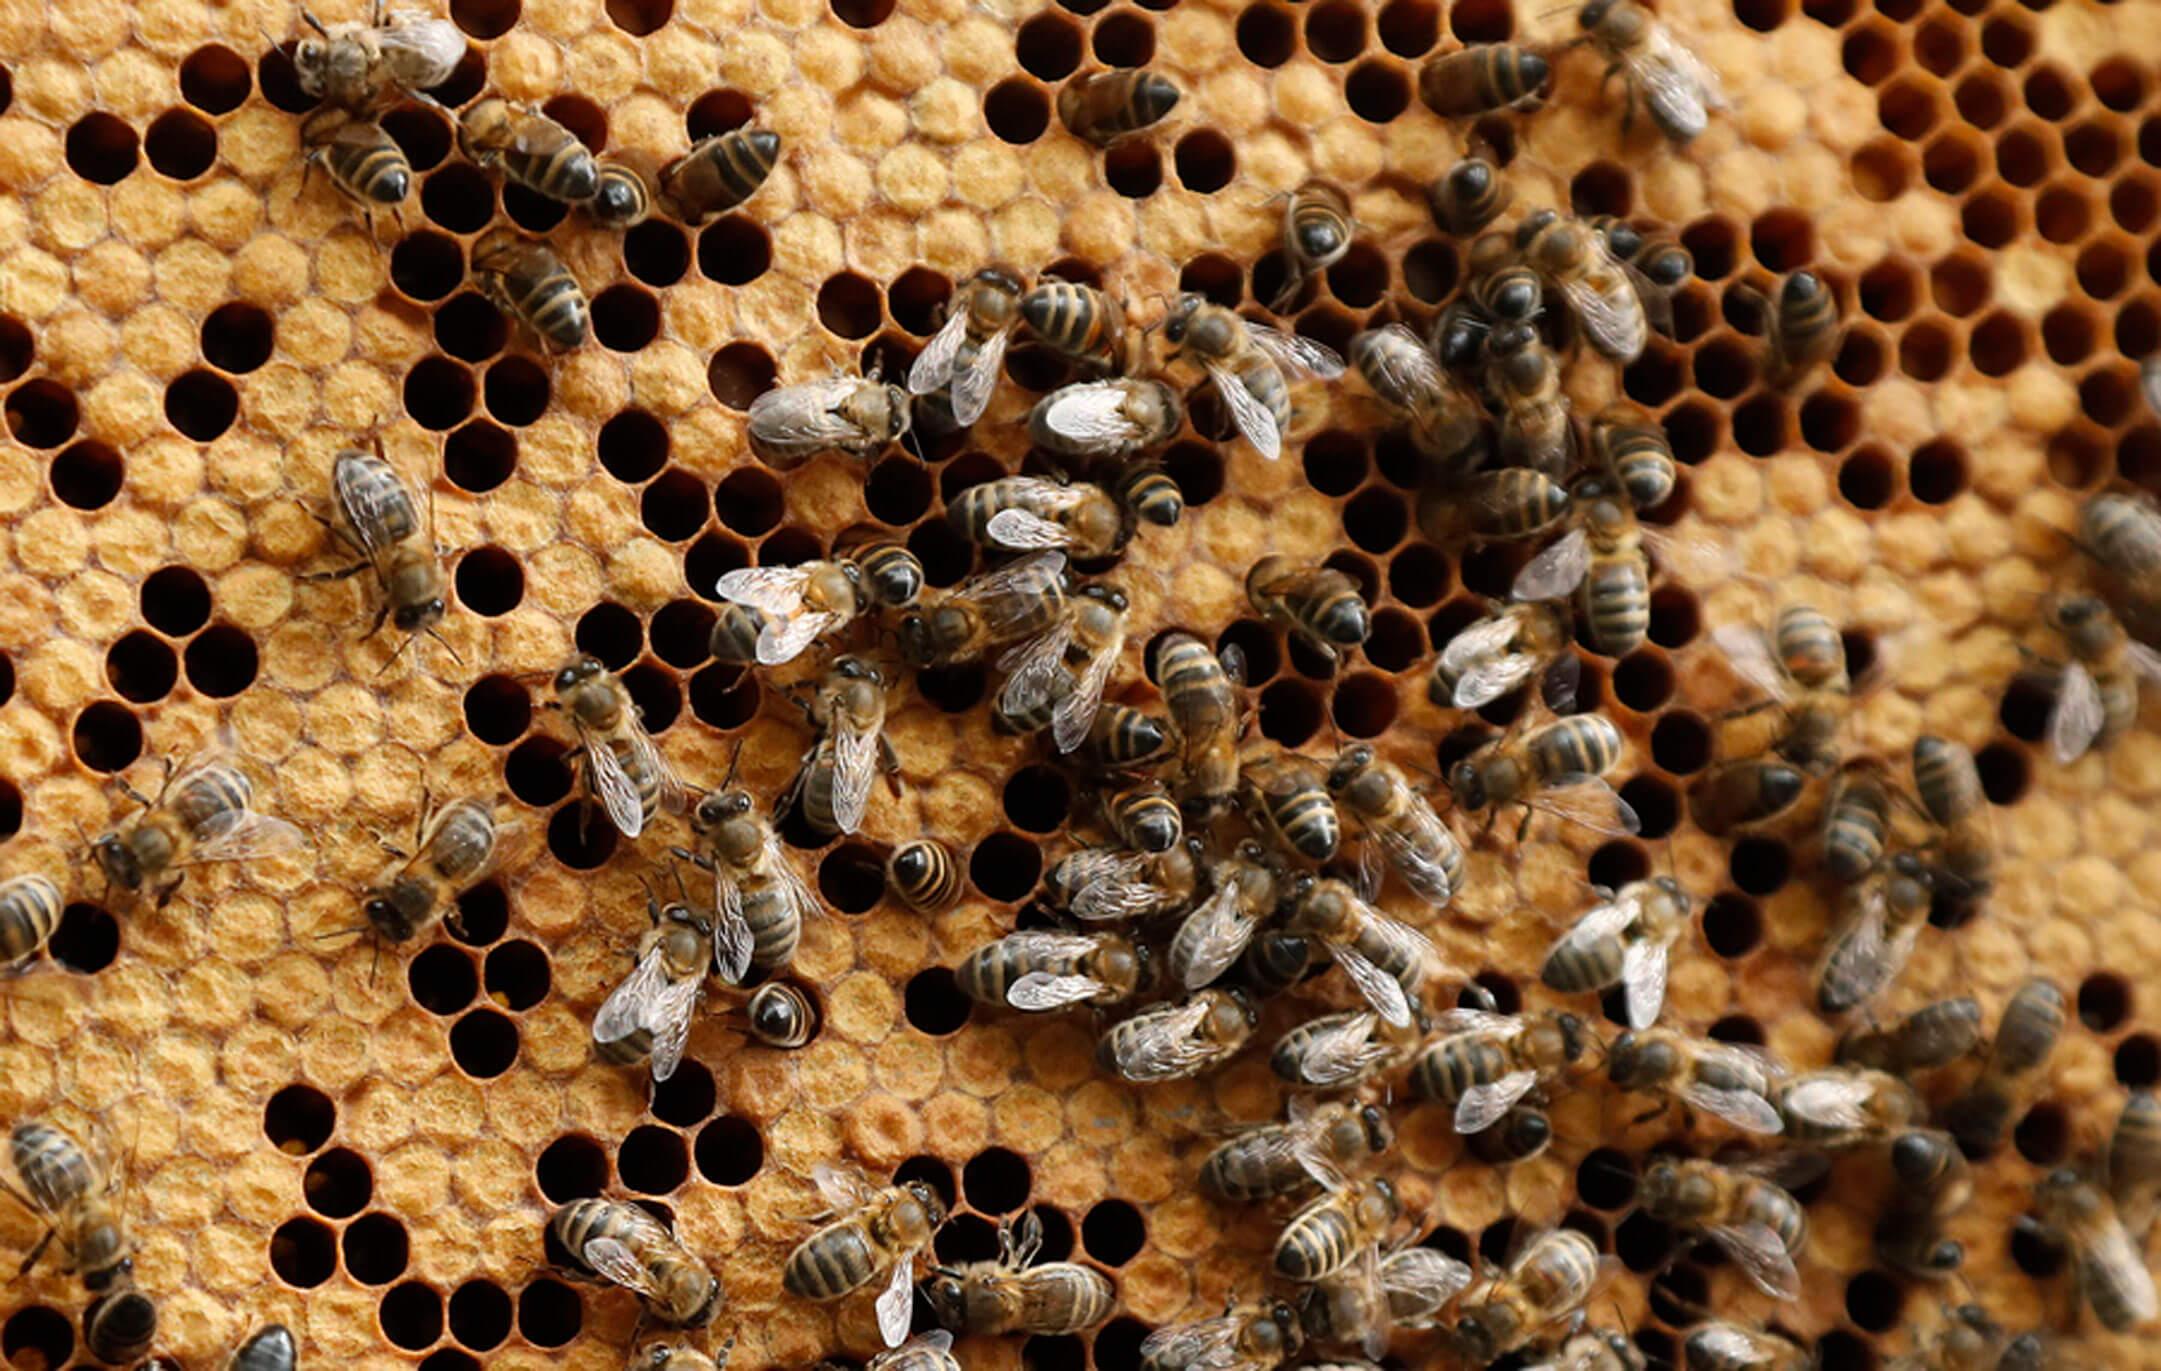 Μάχη για τη ζωή του δίνει 70χρονος στη Γαλλία που δέχτηκε επίθεση από χιλιάδες μέλισσες